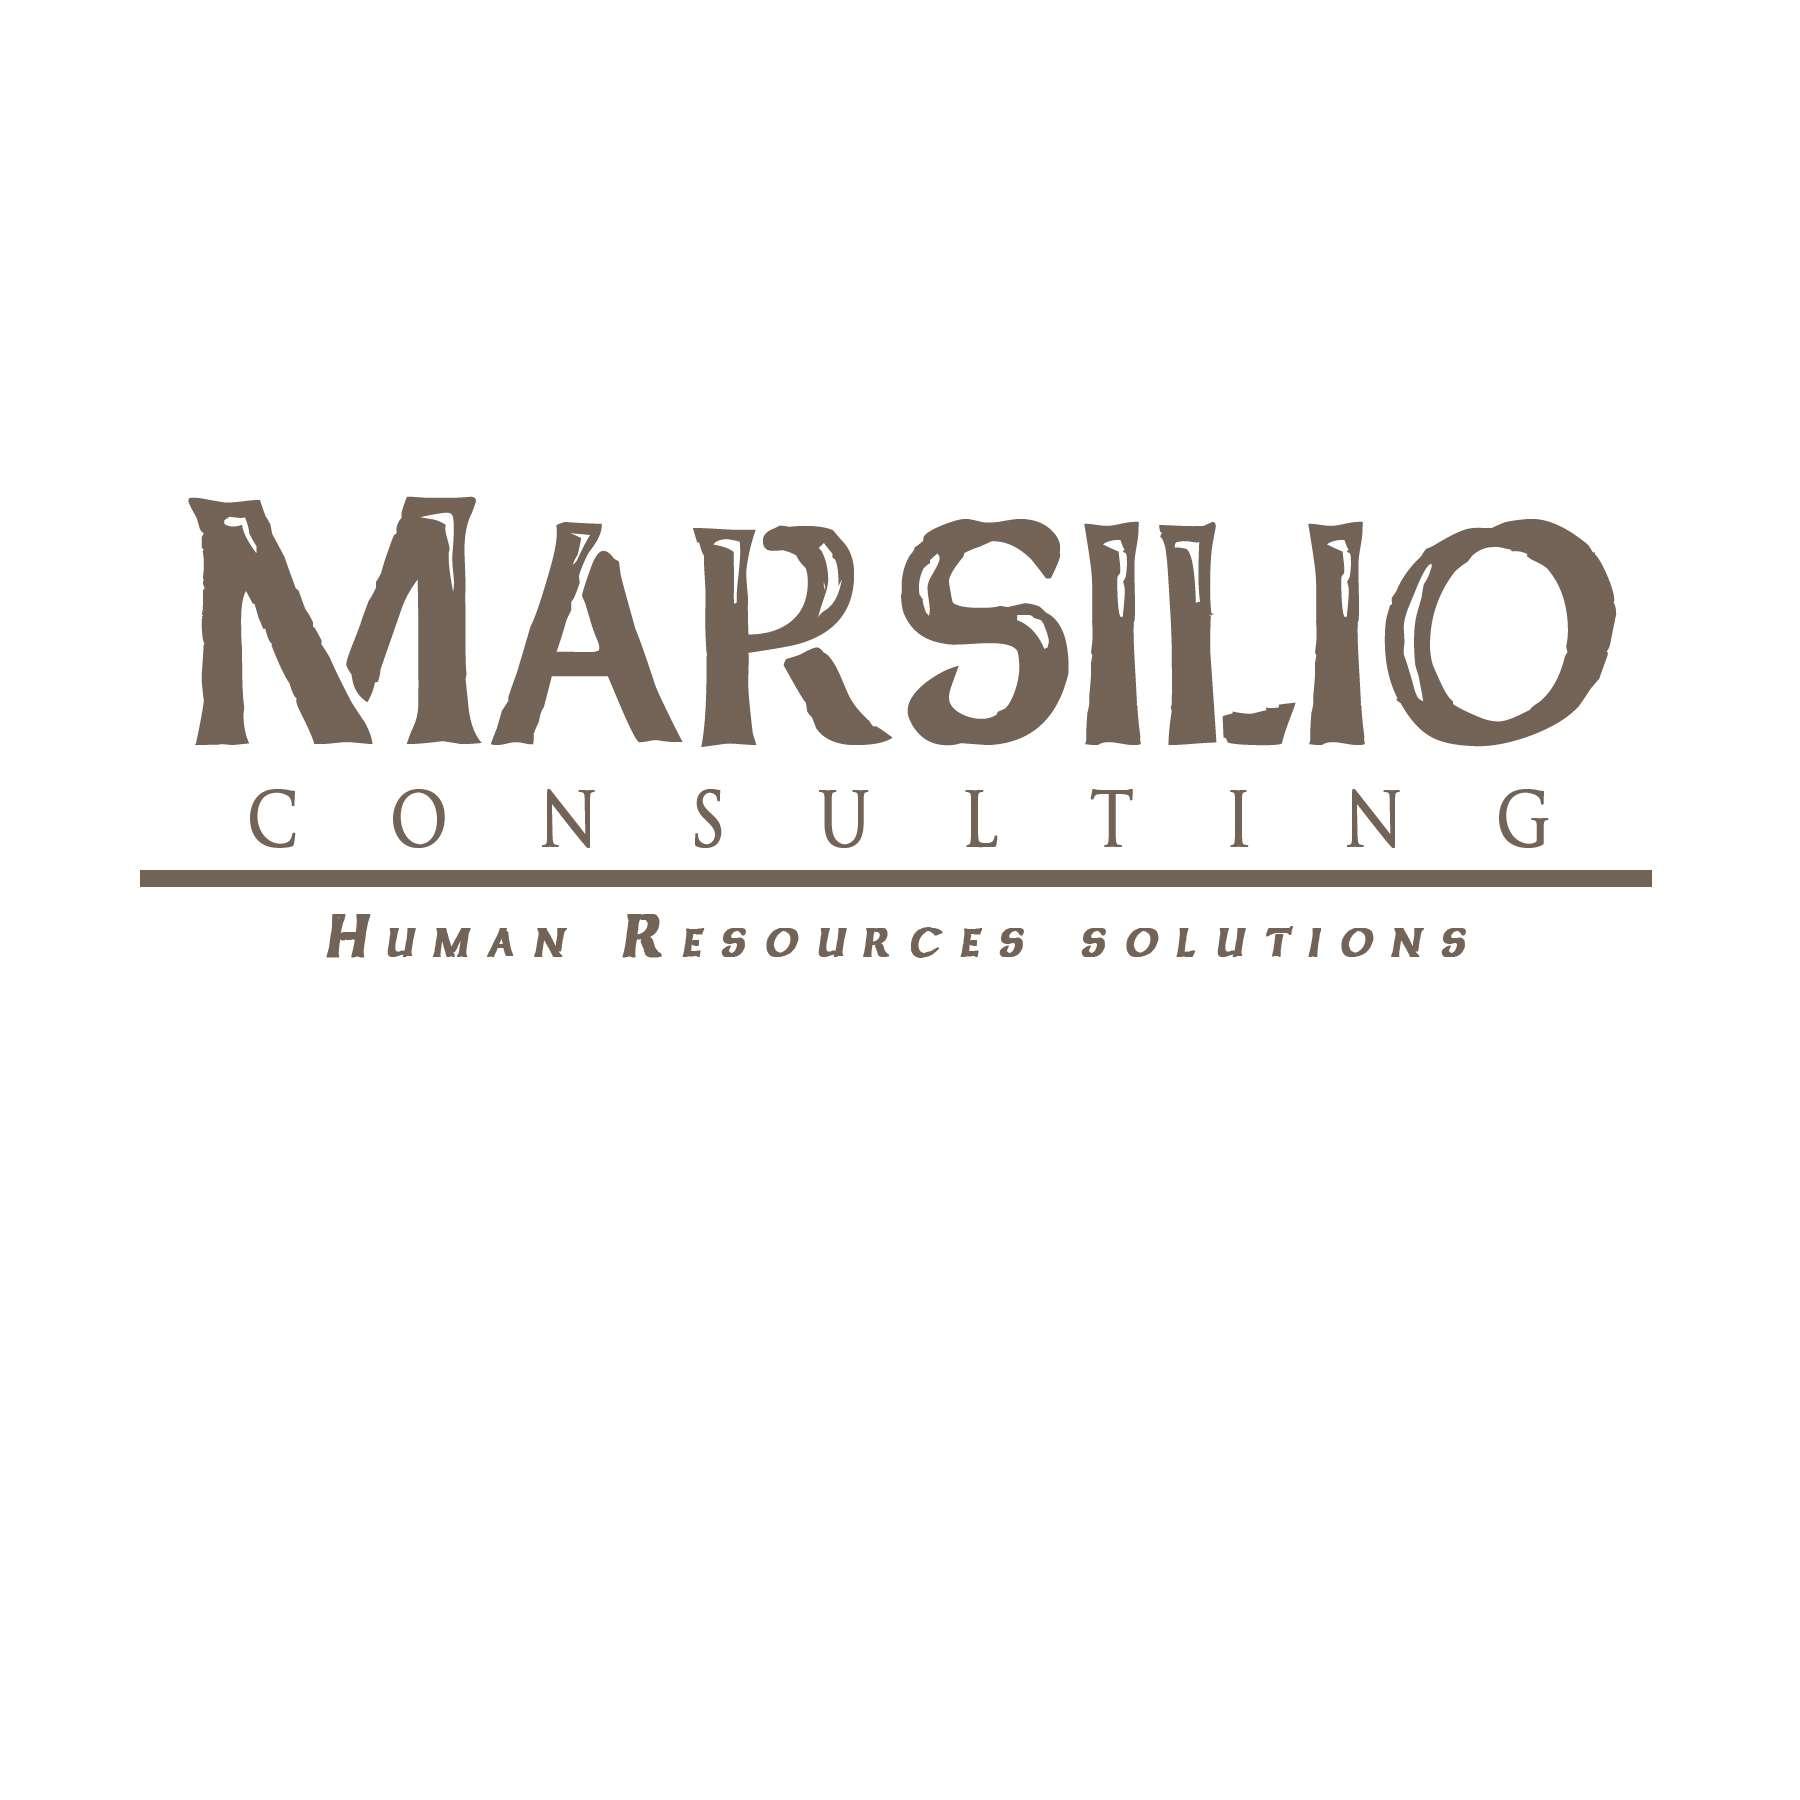 Marsilio Consulting